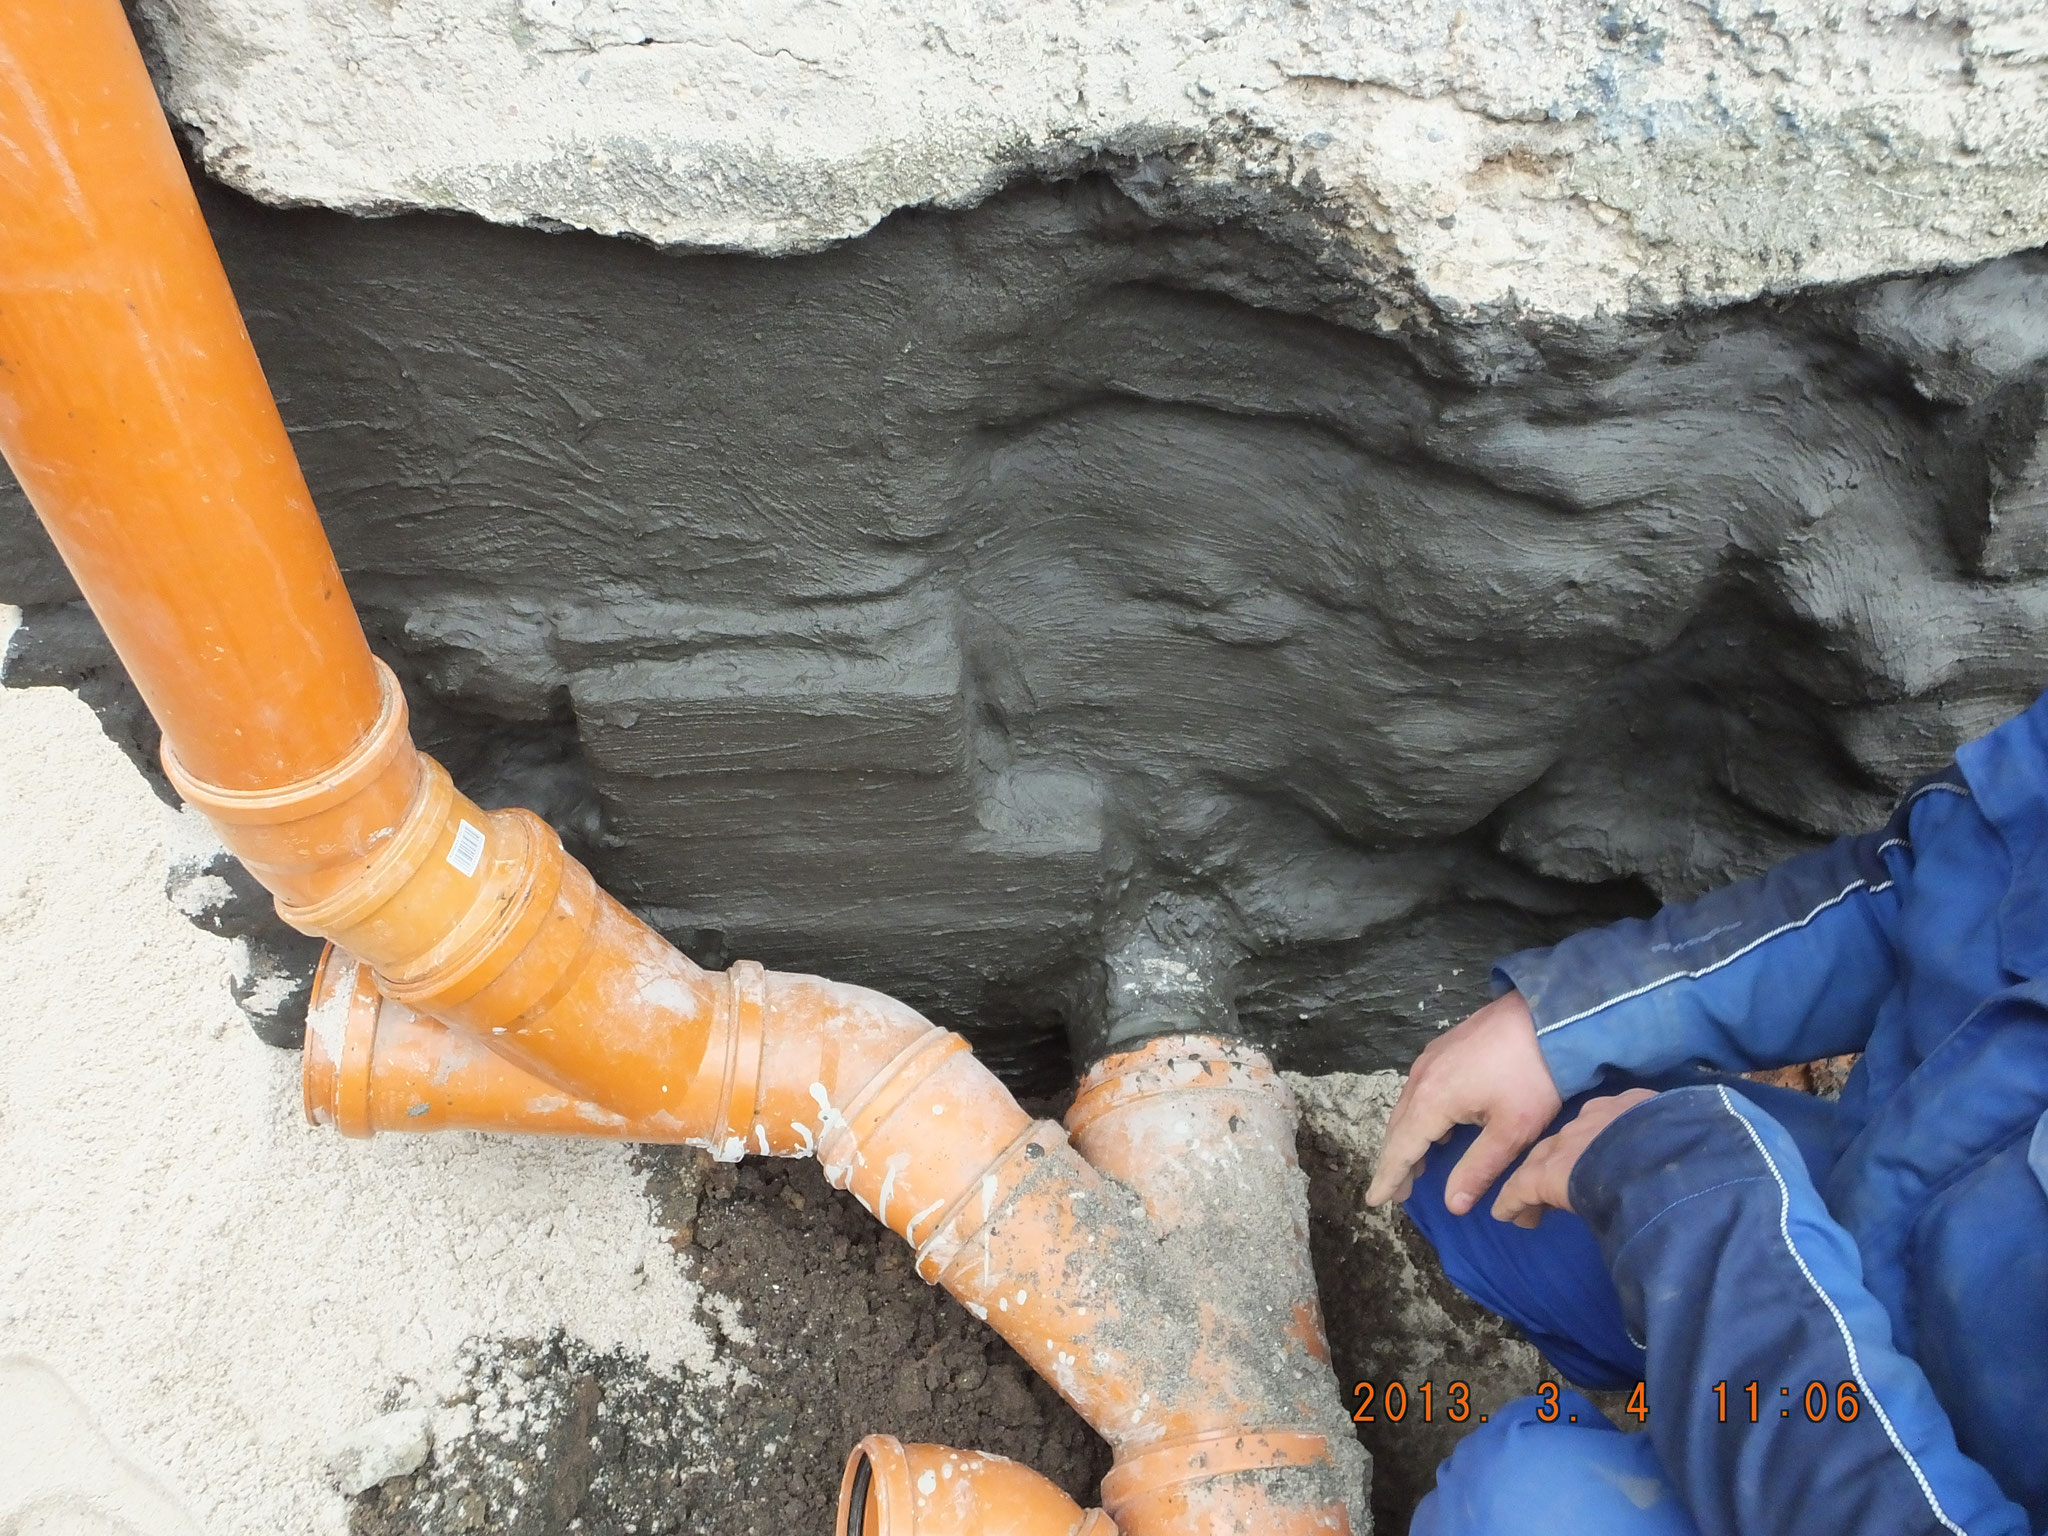 Bauexperte für Bauwerksabdichtung (z.B. Keller) gesucht?